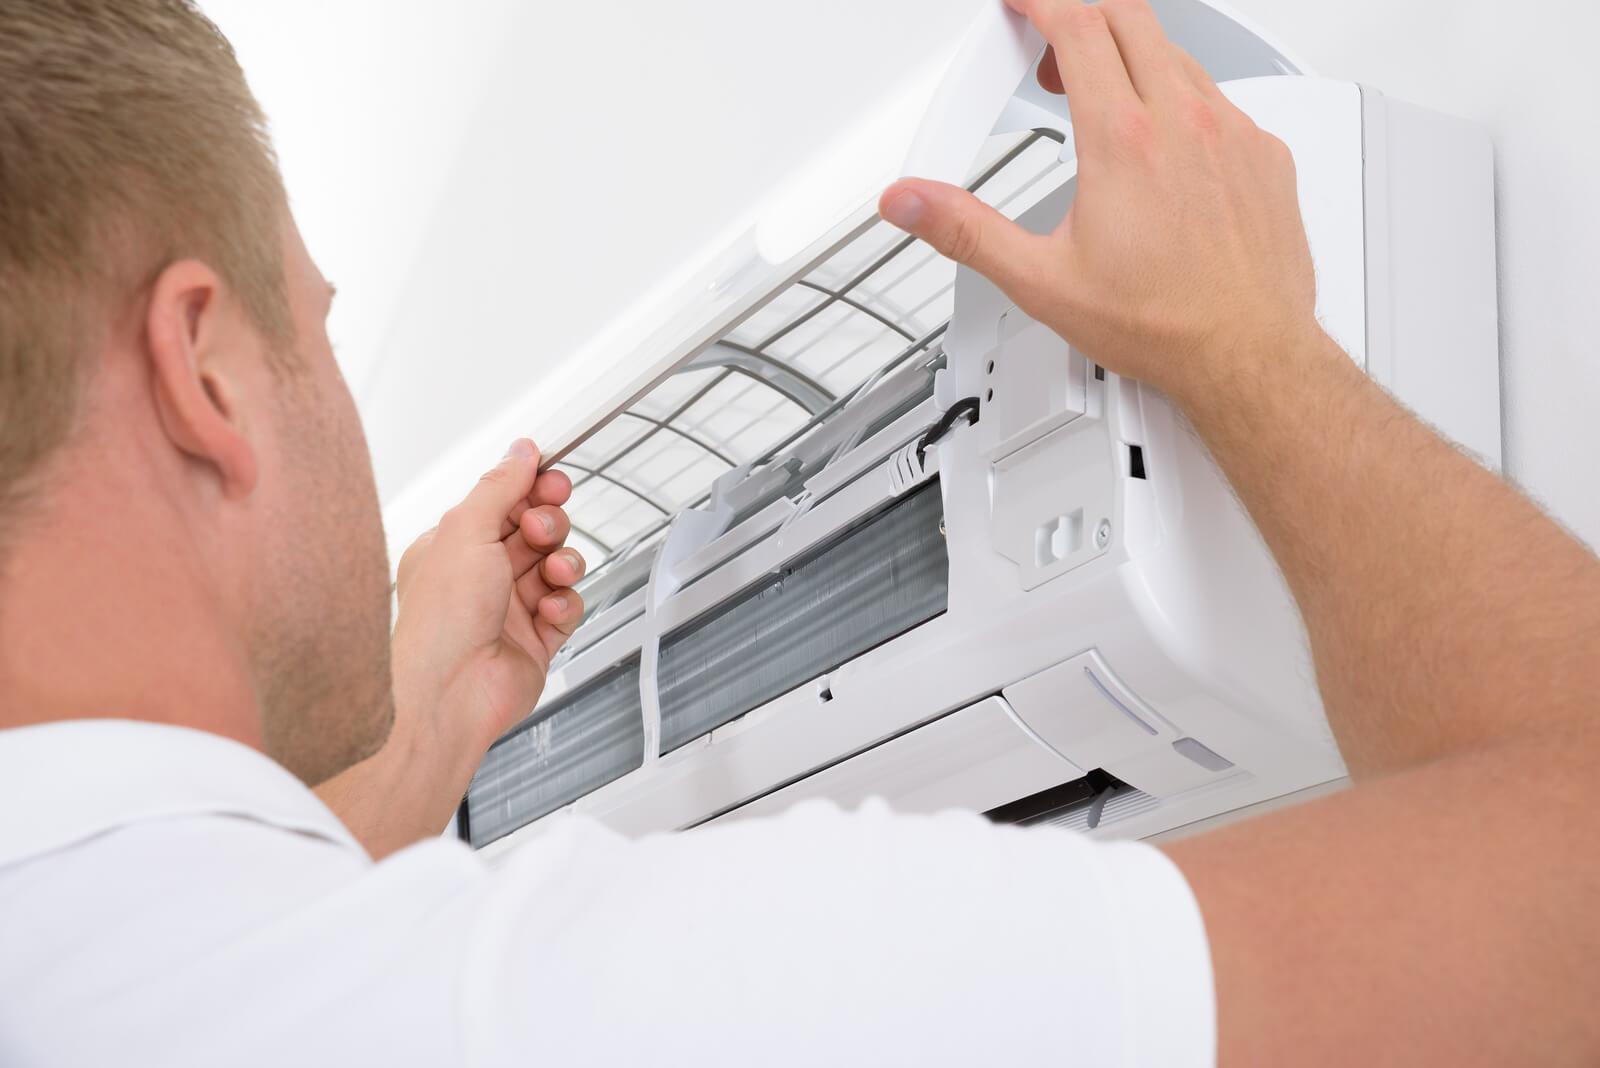 Održavanje klima uređaja